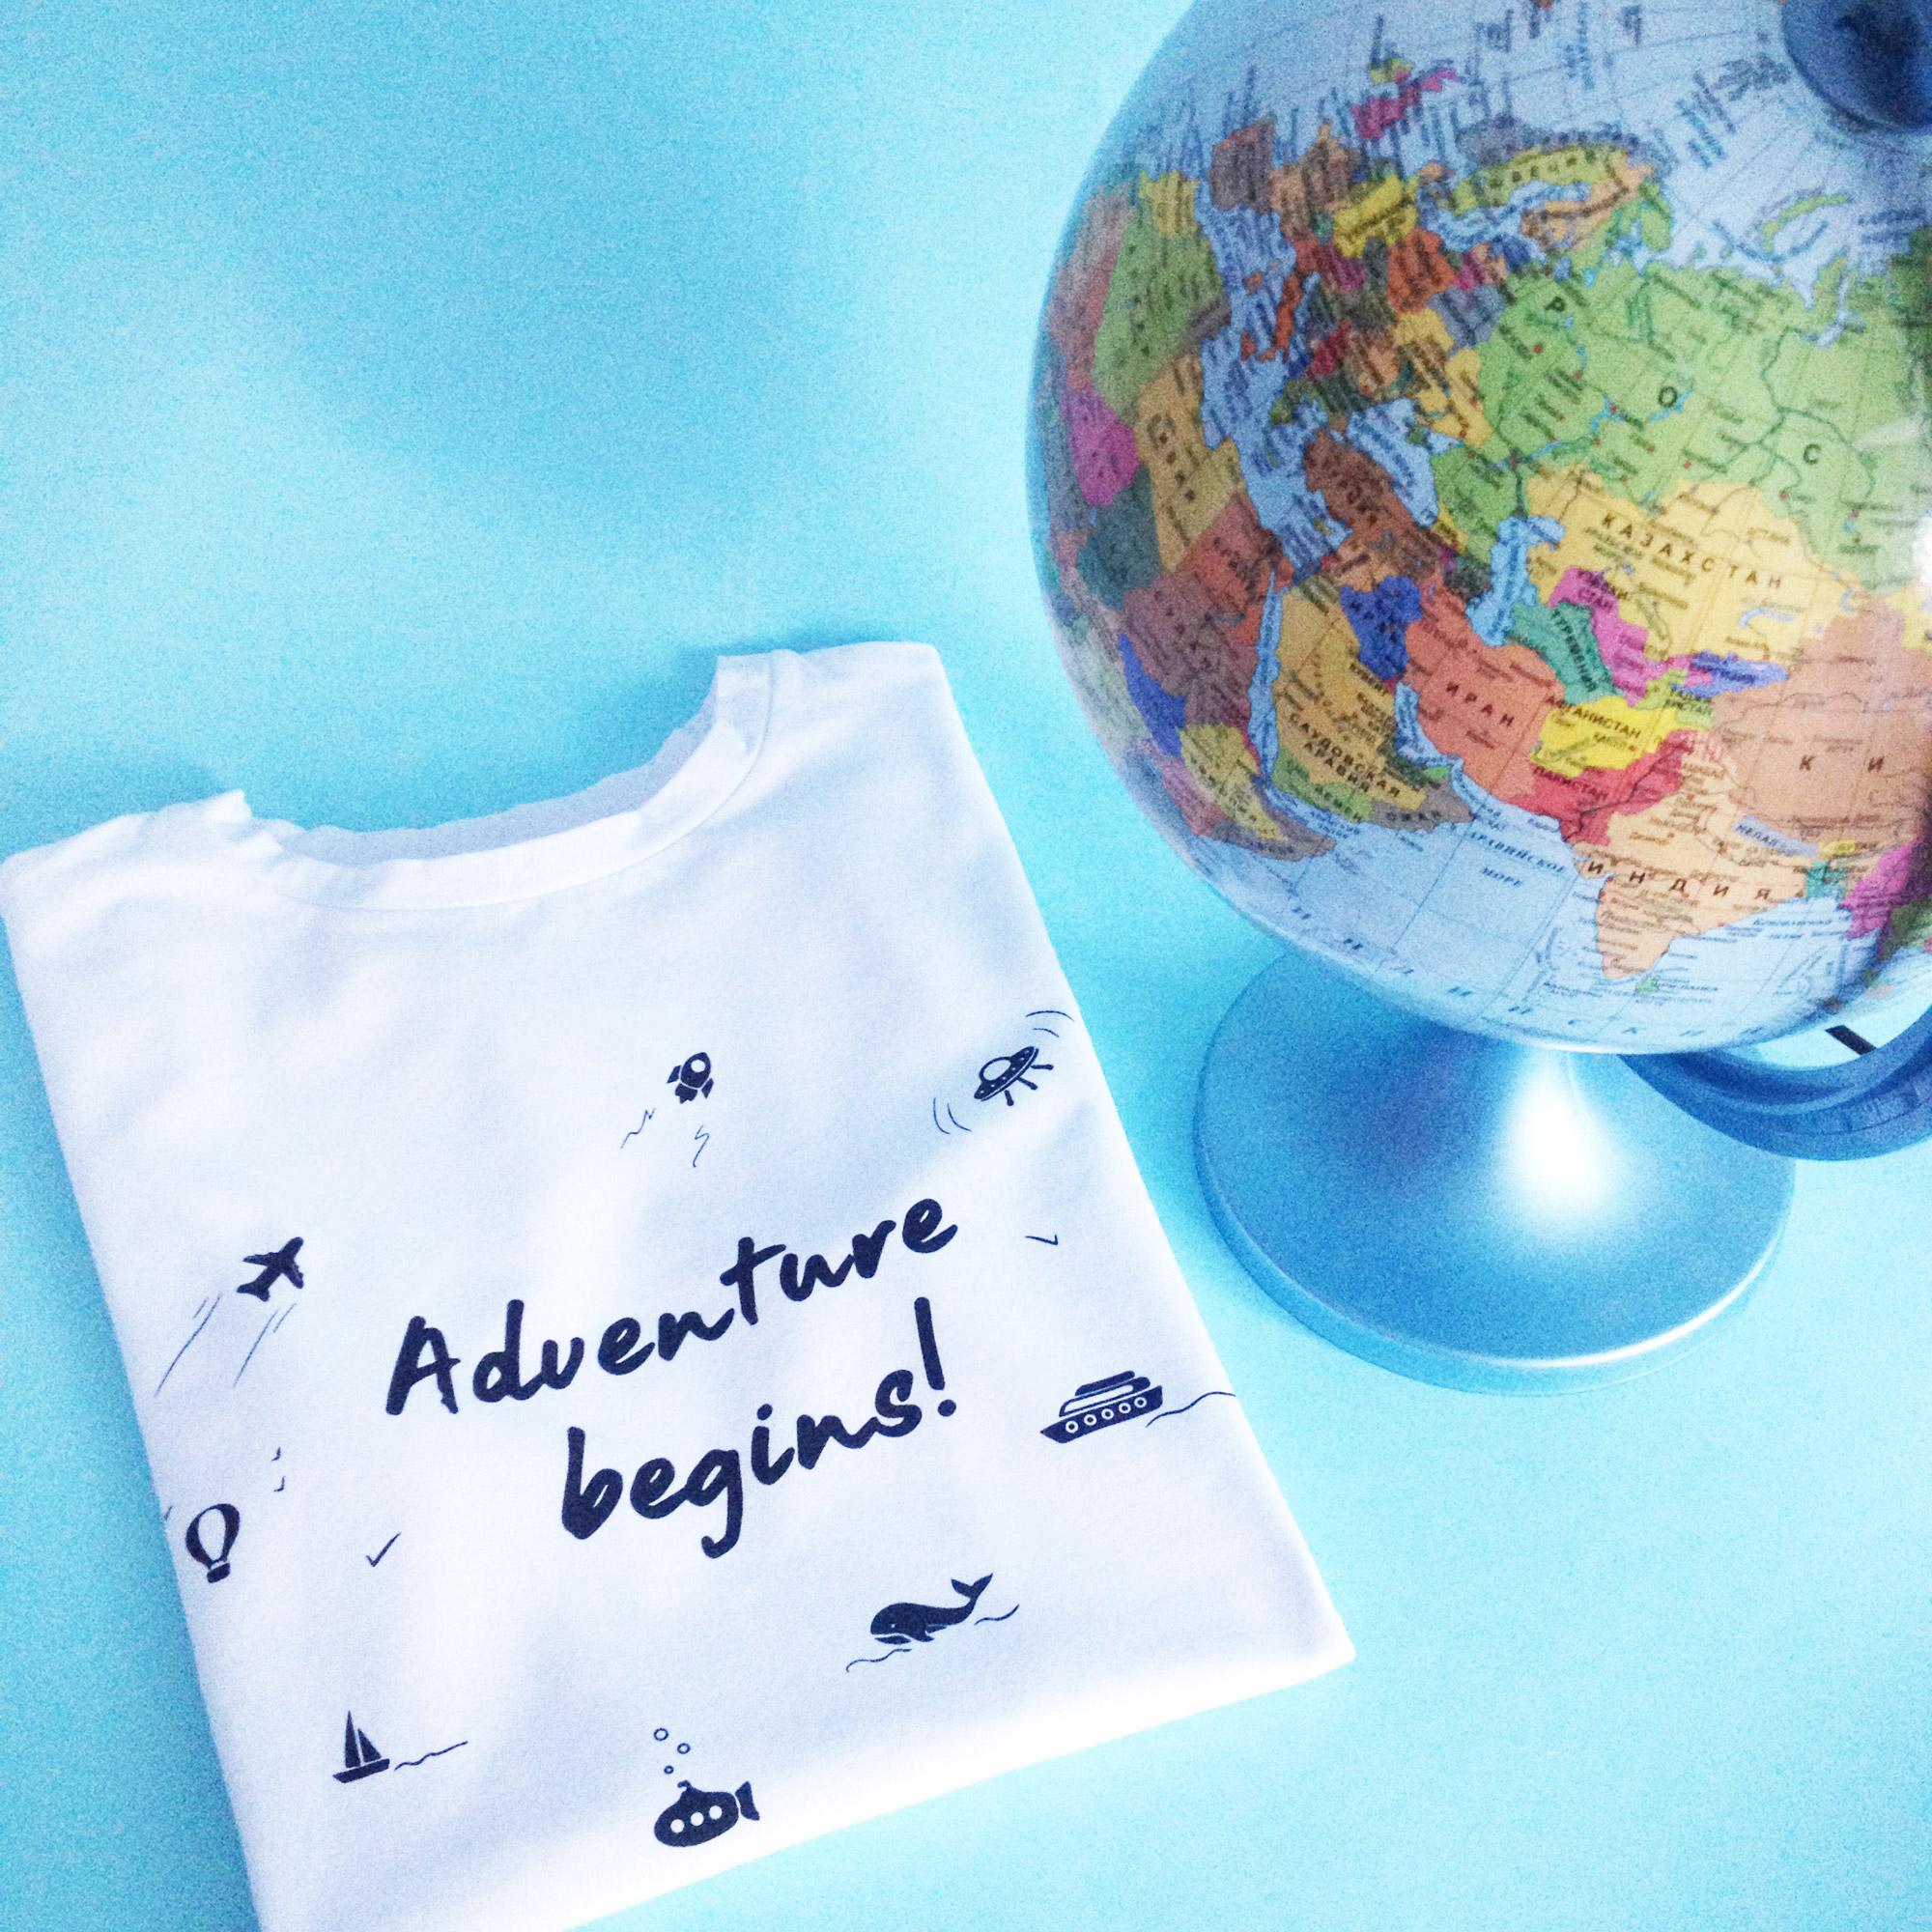 Adventure-begins.jpg